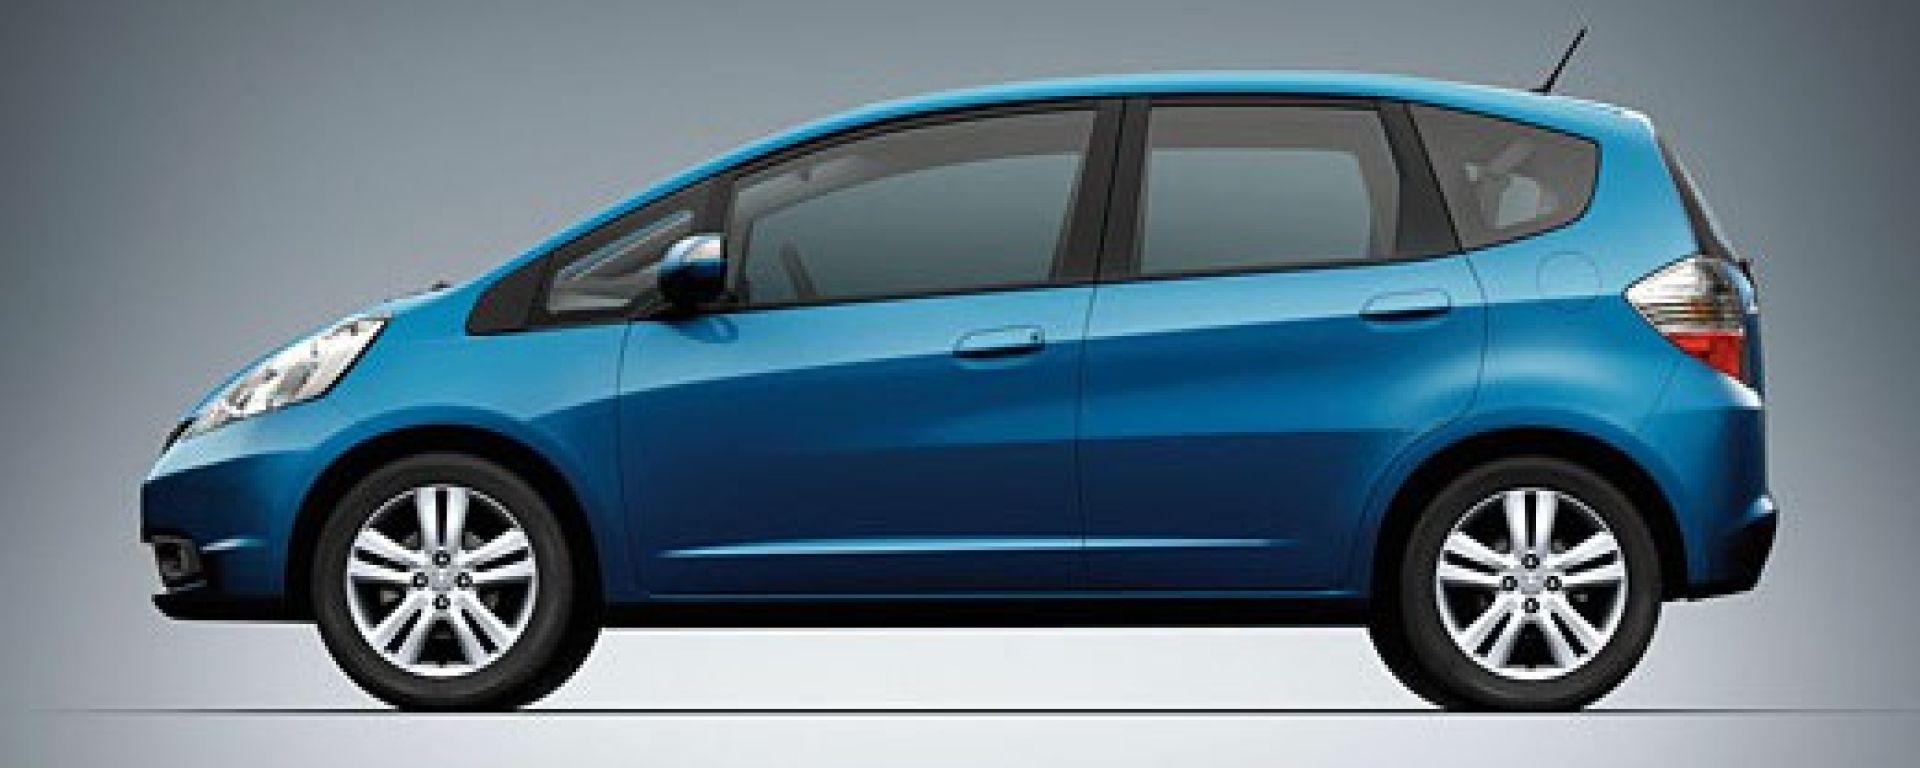 La nuova Honda Jazz in 46 scatti inediti